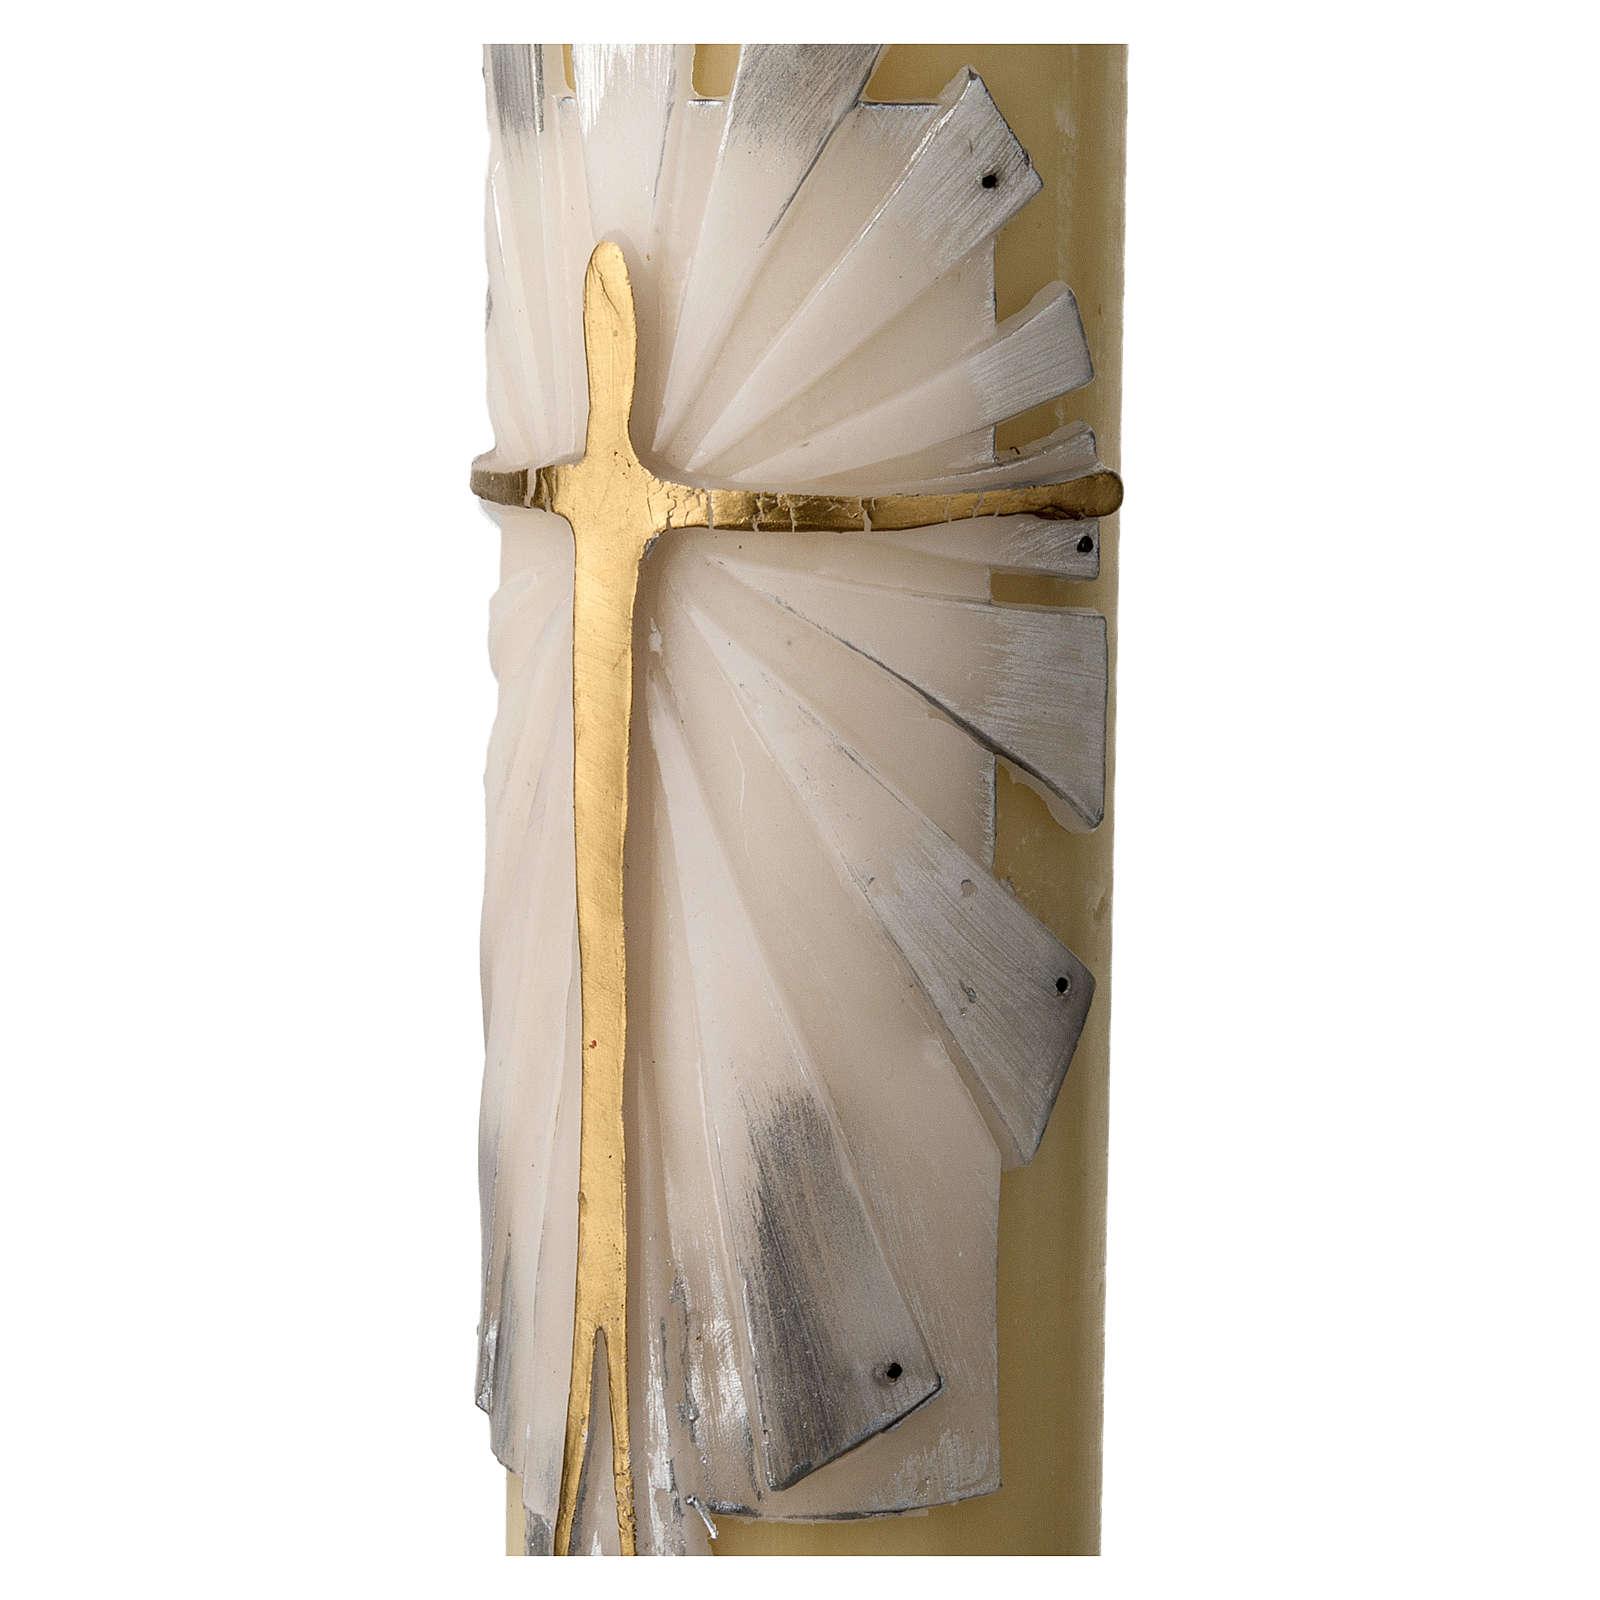 Cero pasquale cera d'api Risorto fondo bianco argento 3